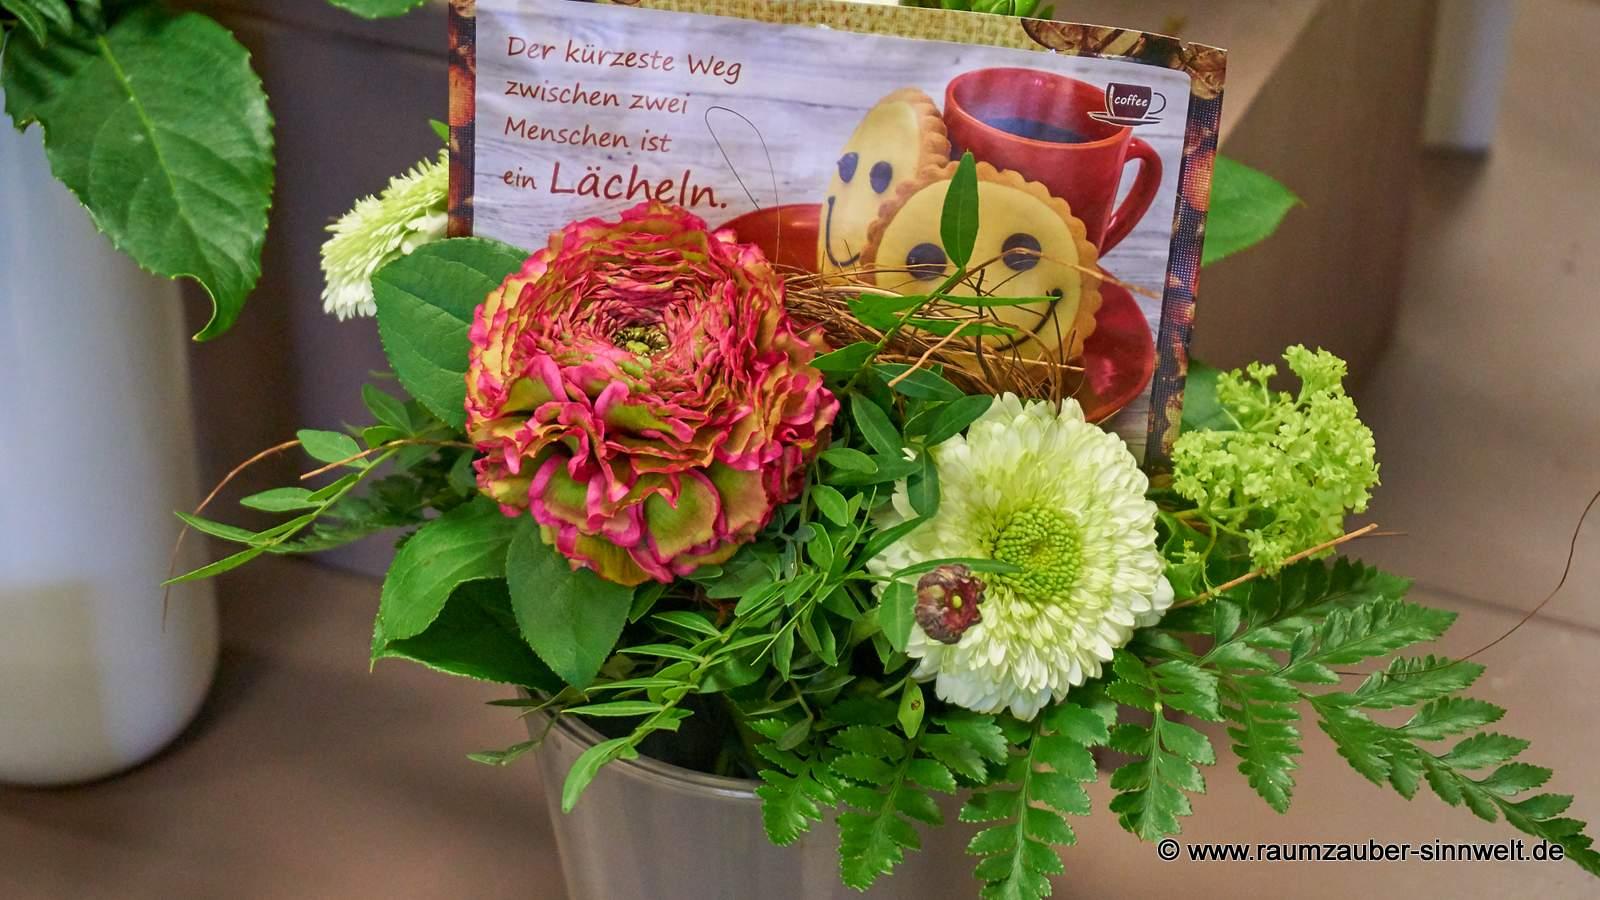 Blumenstrauß mit Kaffeepostkarte